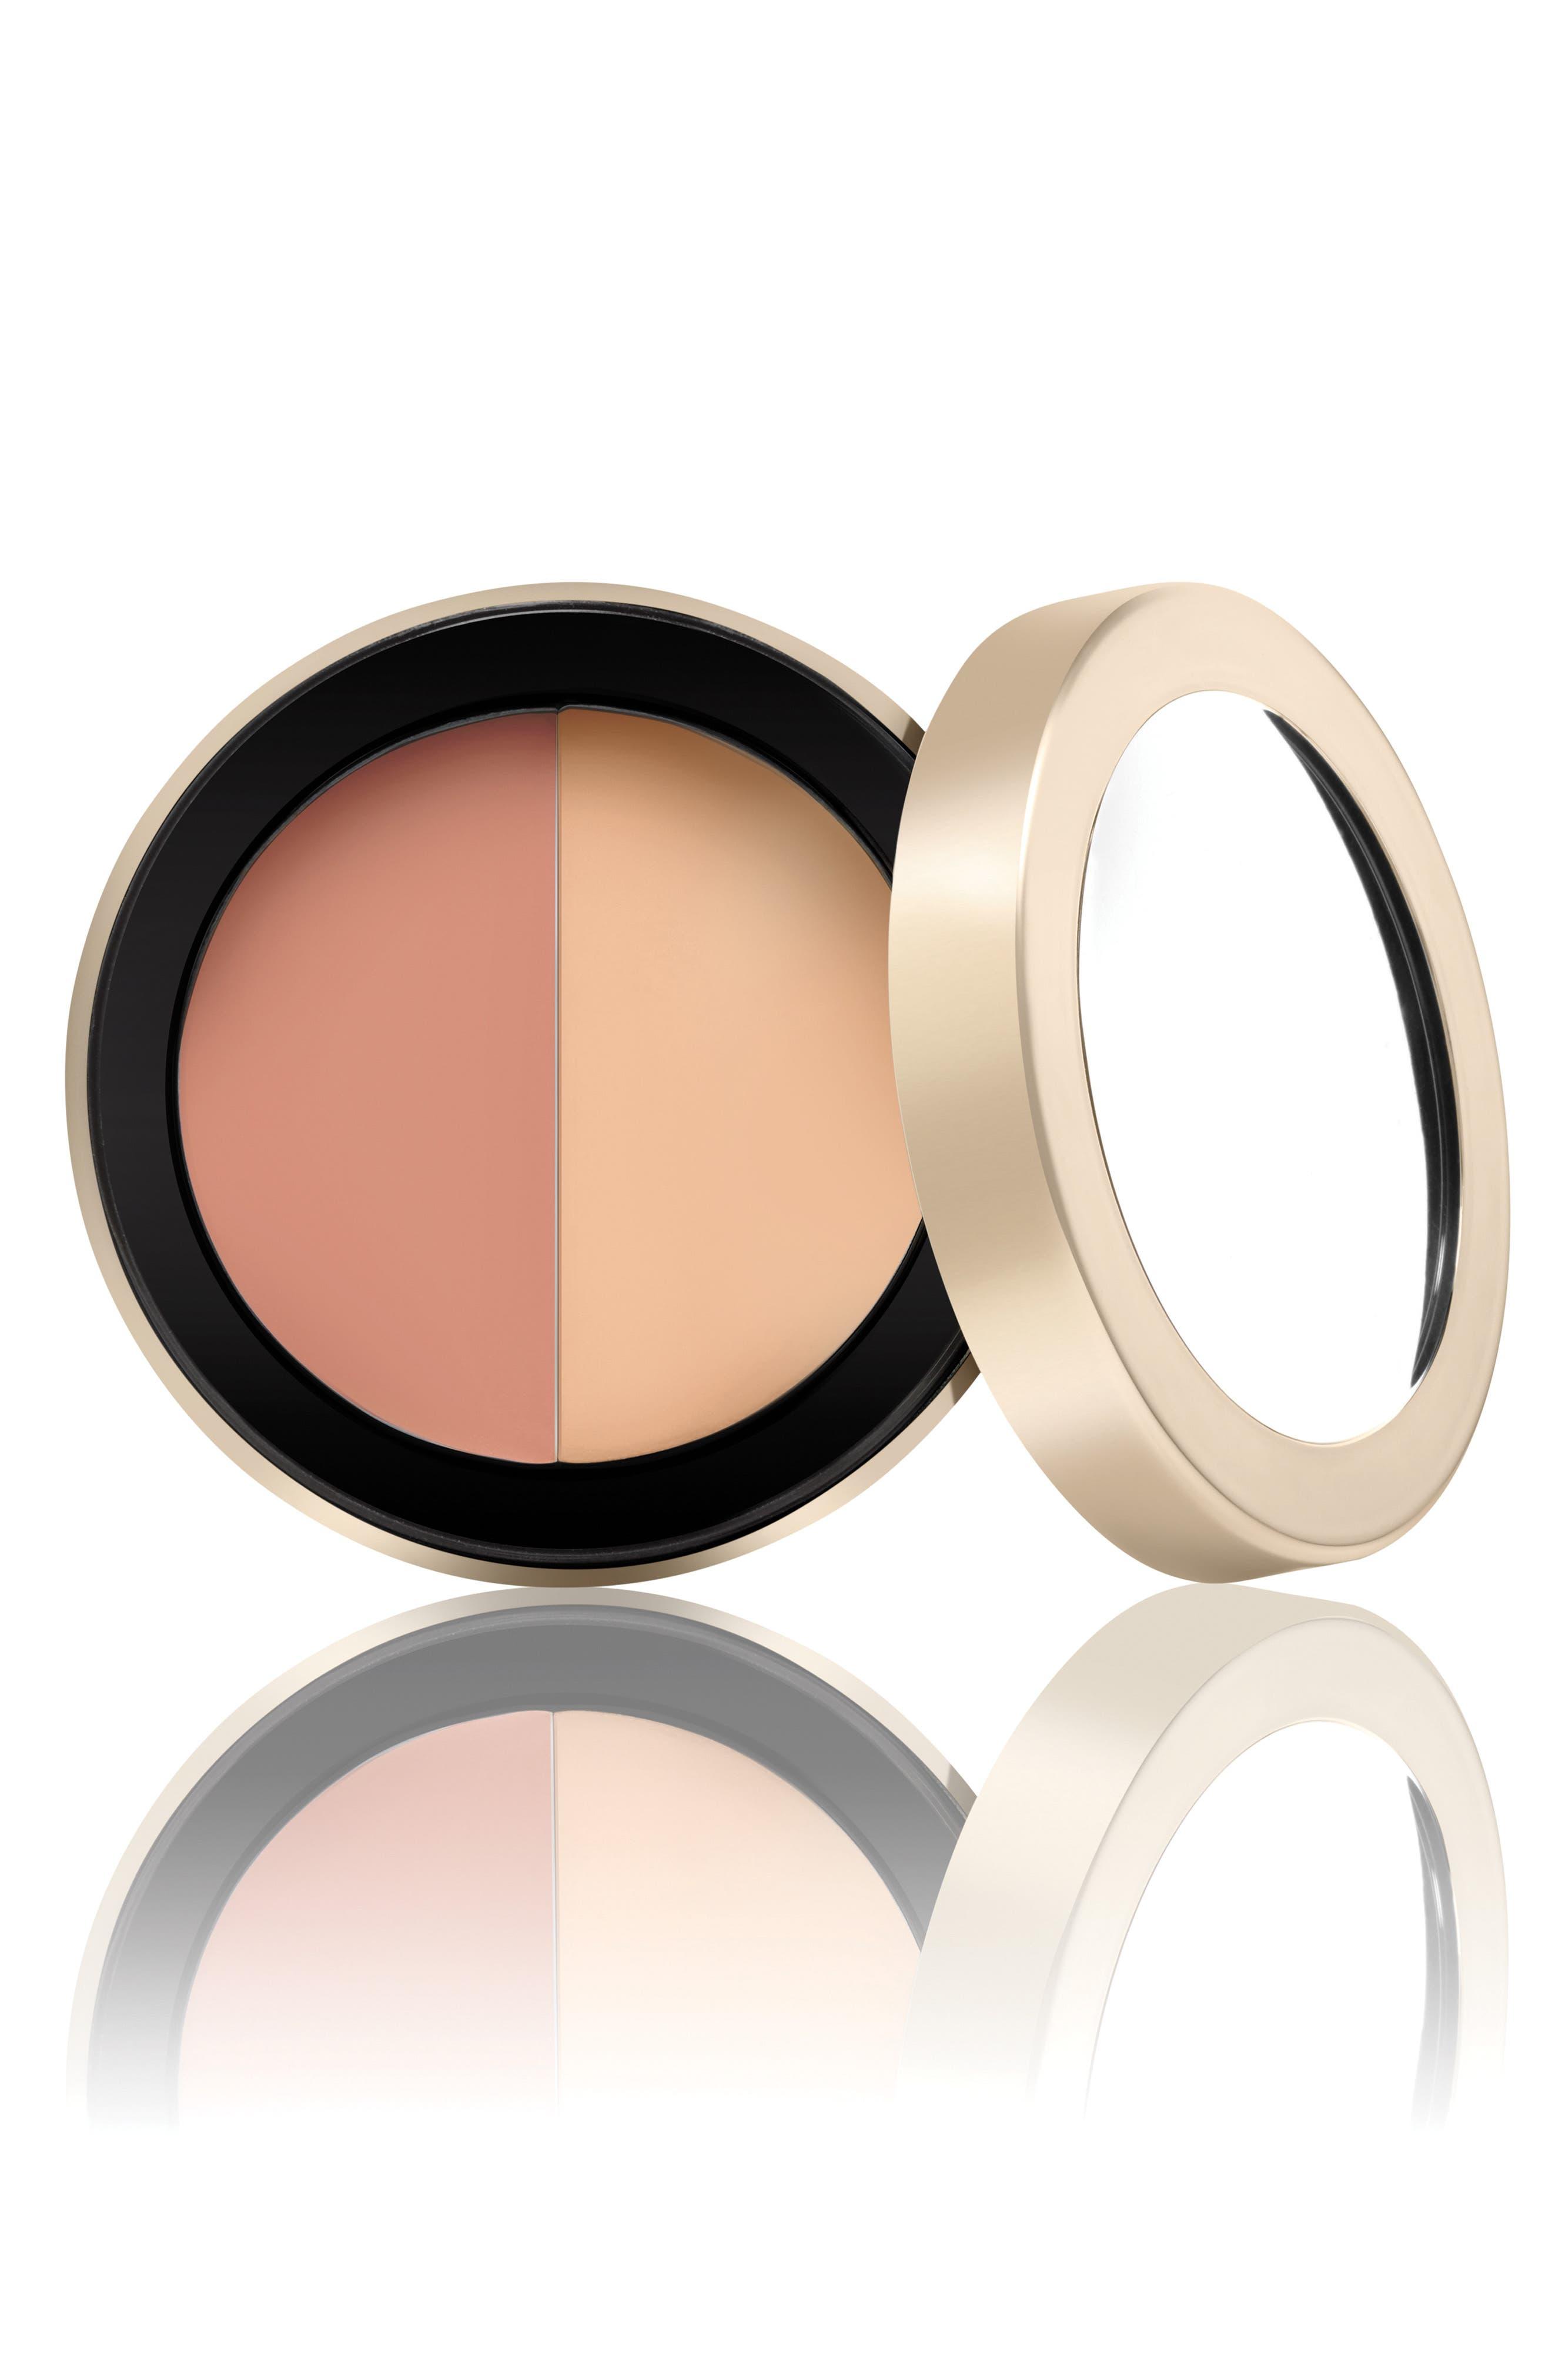 Circle/Delete Under Eye Concealer - #2 - Peach